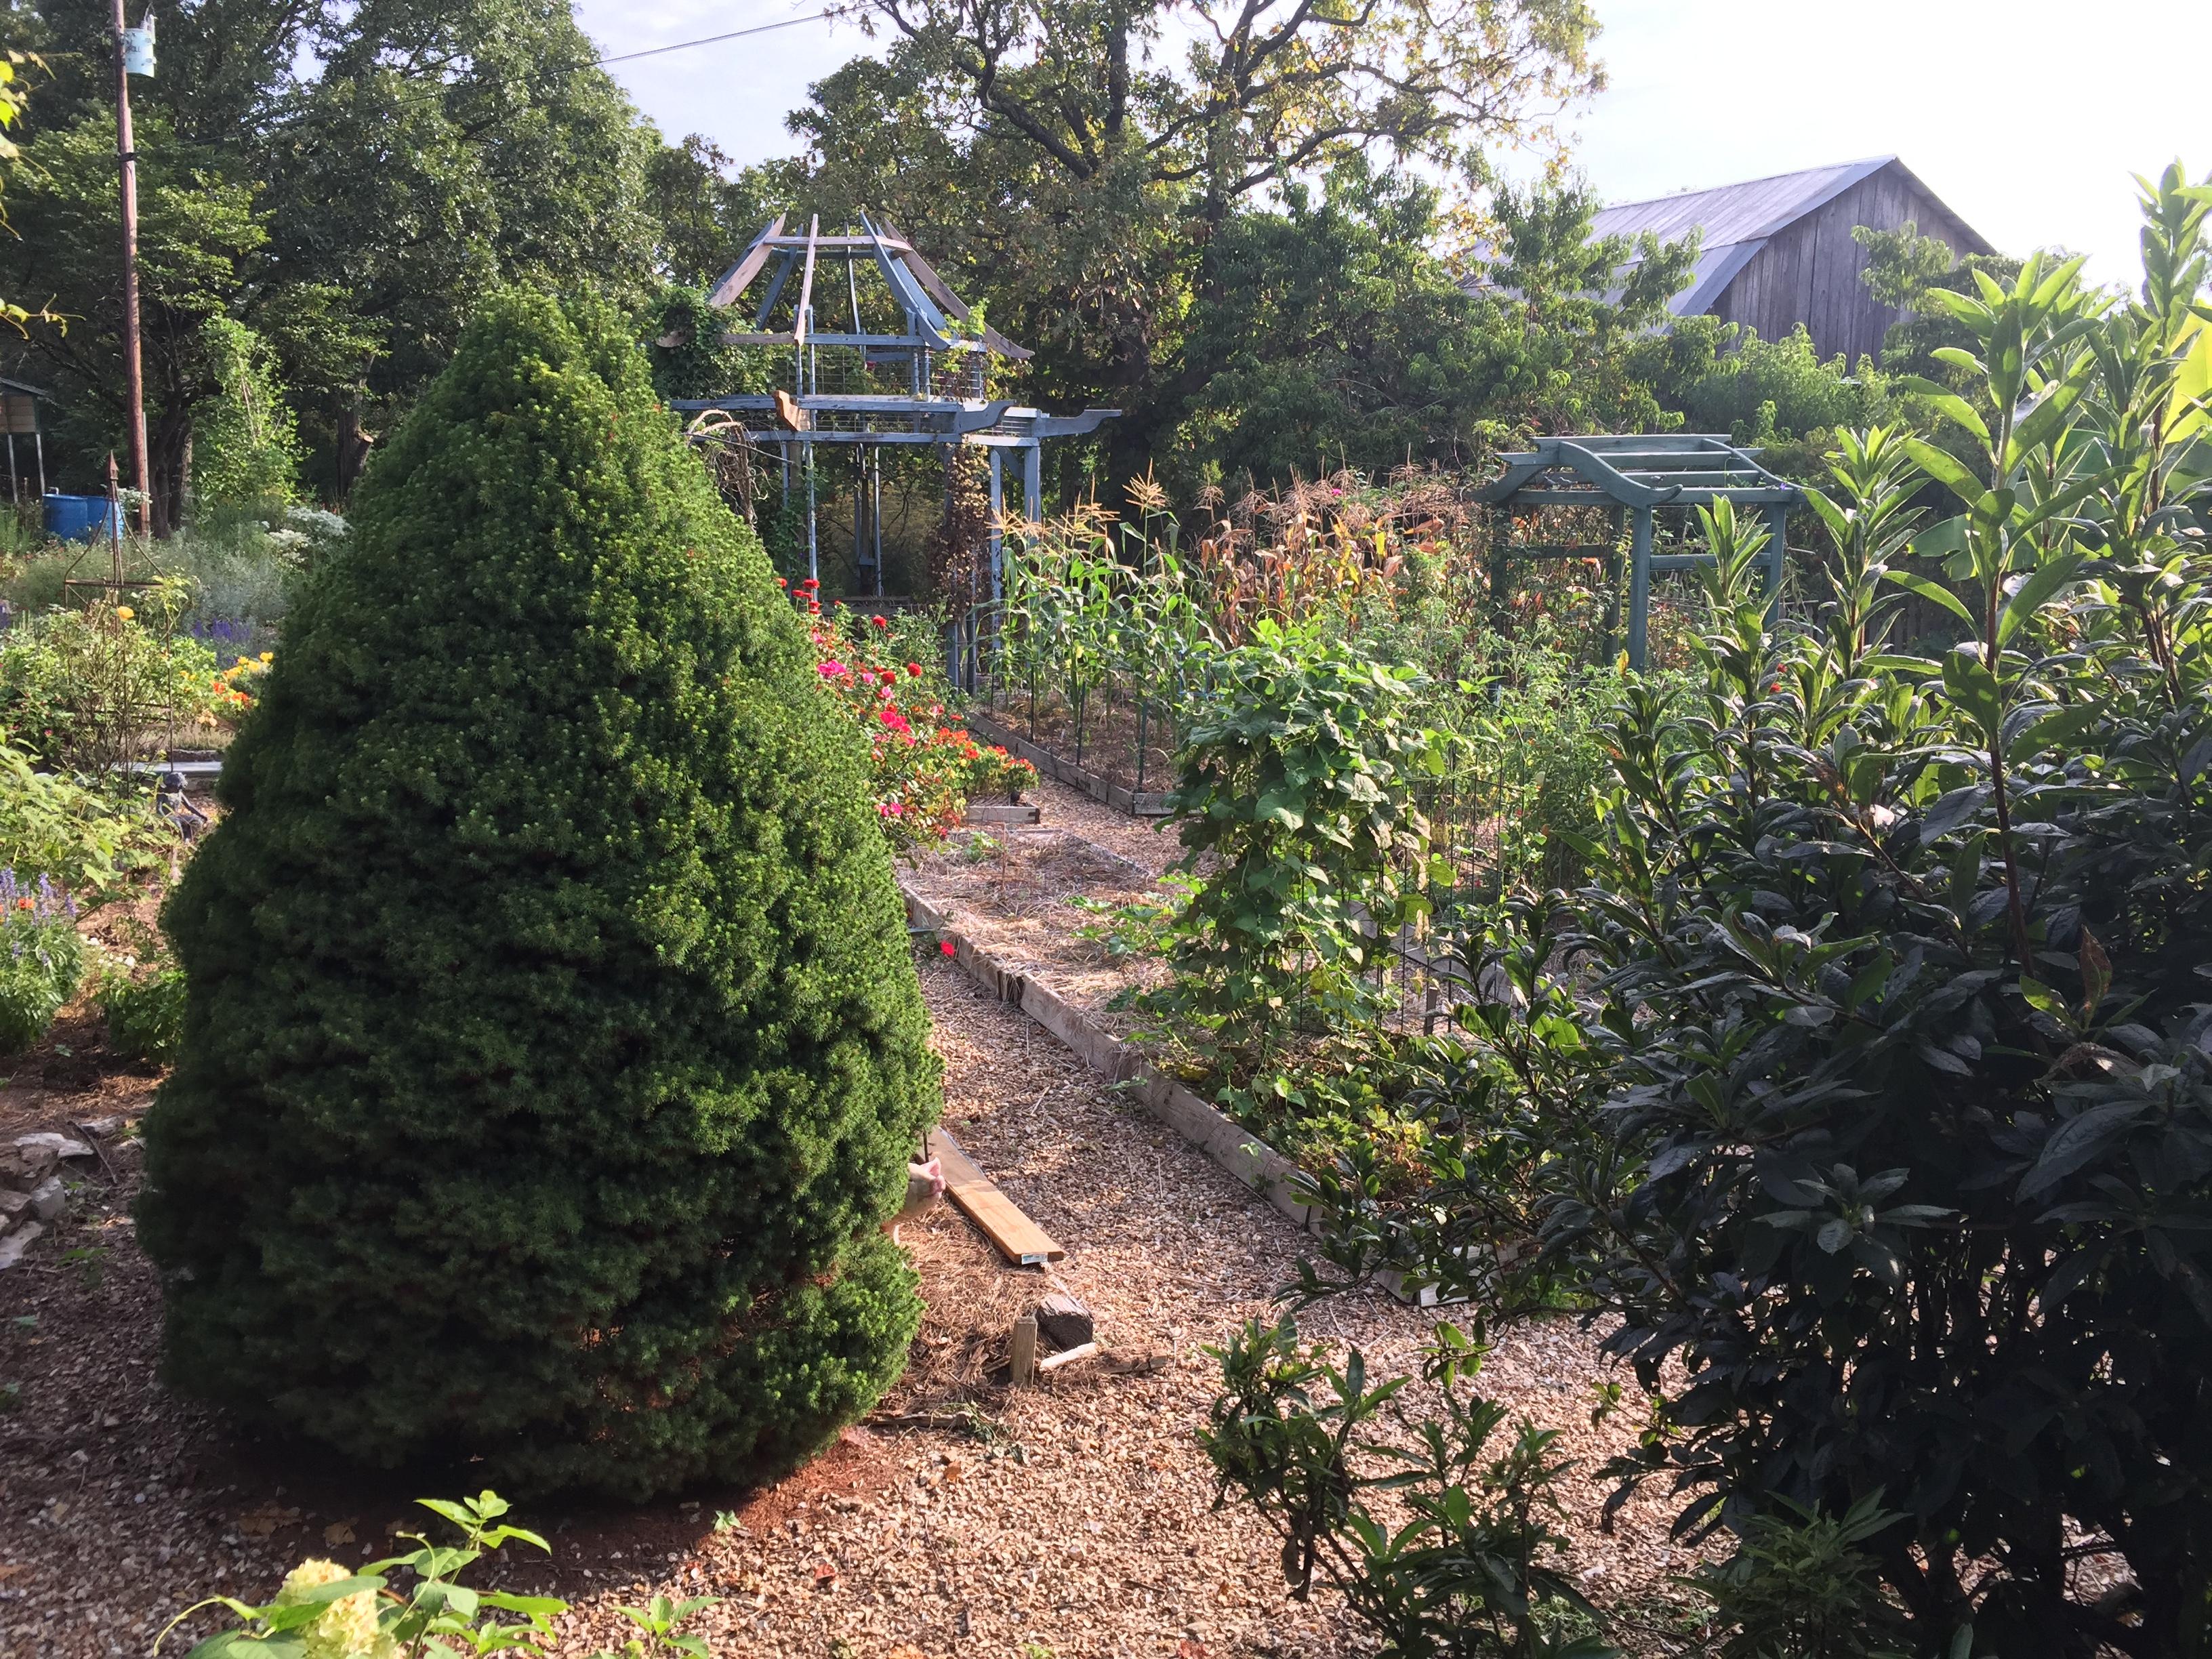 Long-Creek-Herbs-garden-view-